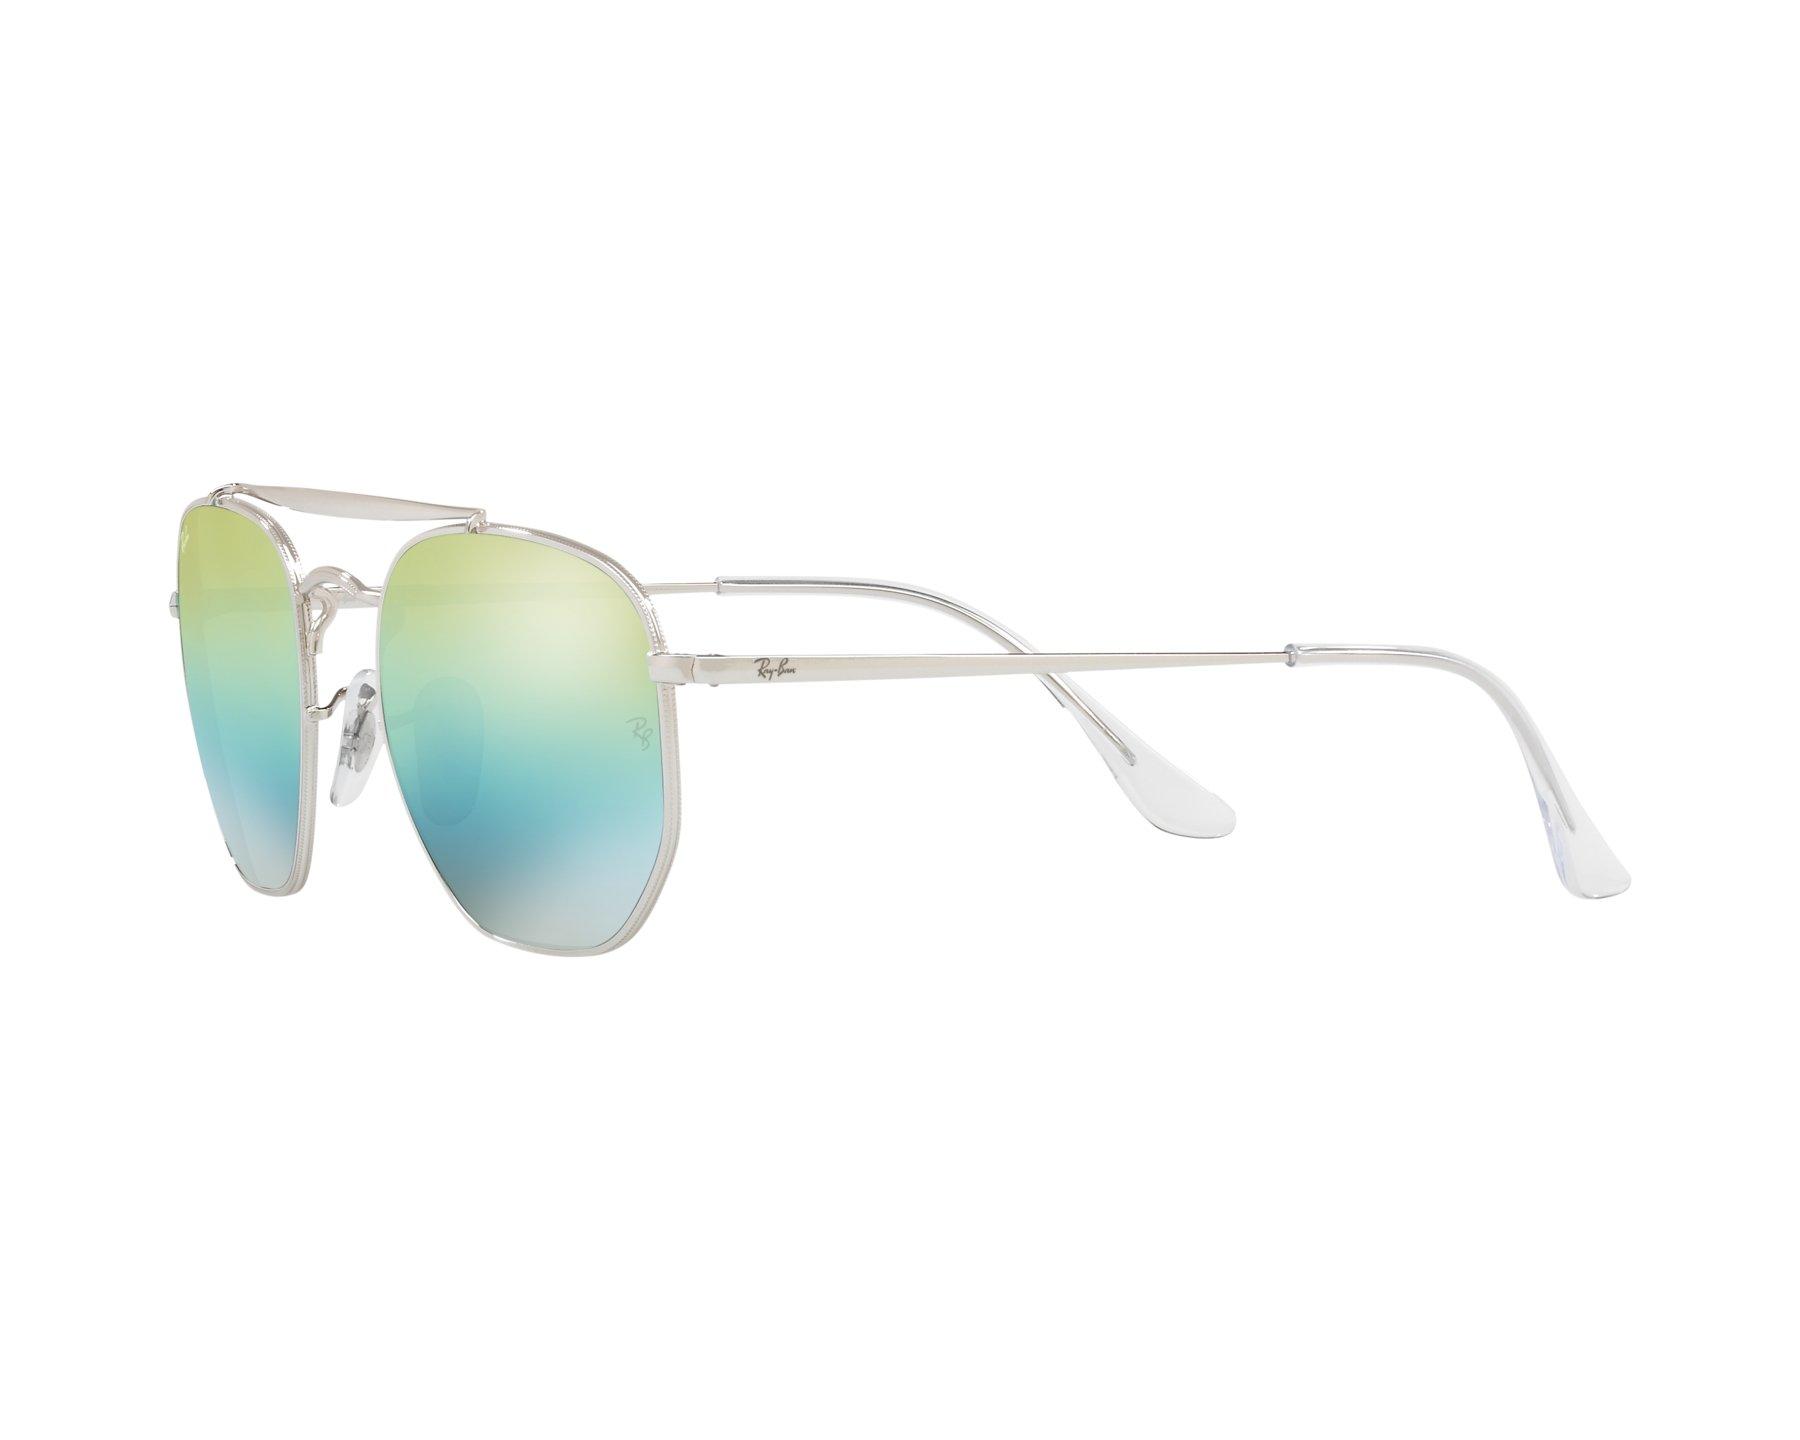 0b3fc6d8b56110 Sunglasses Ray-Ban RB-3648 003 l2 54-21 Silver 360 degree